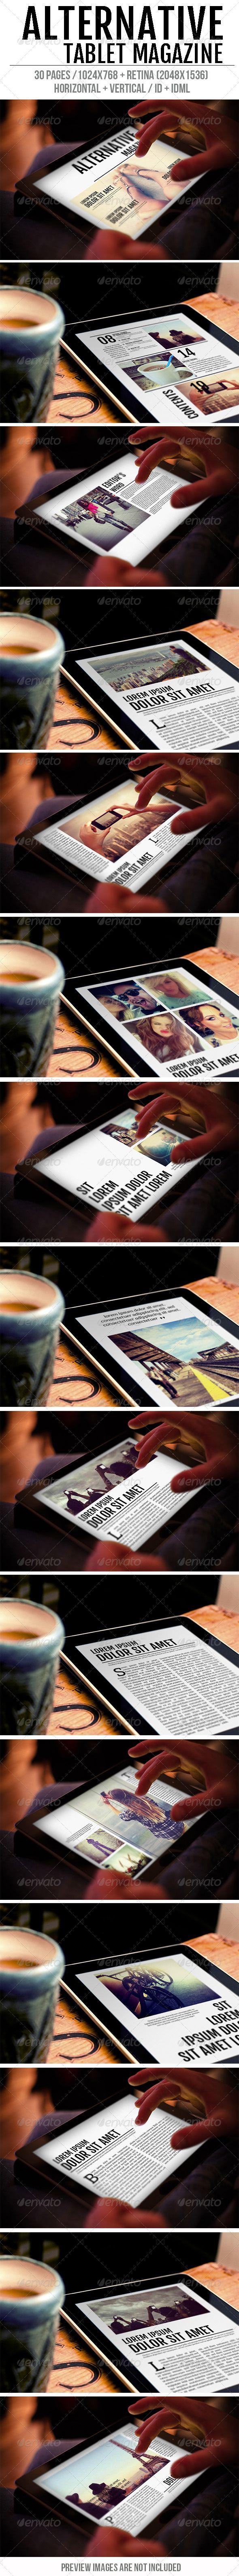 Mejores 28 imágenes de Diseño Editorial Digital en Pinterest ...